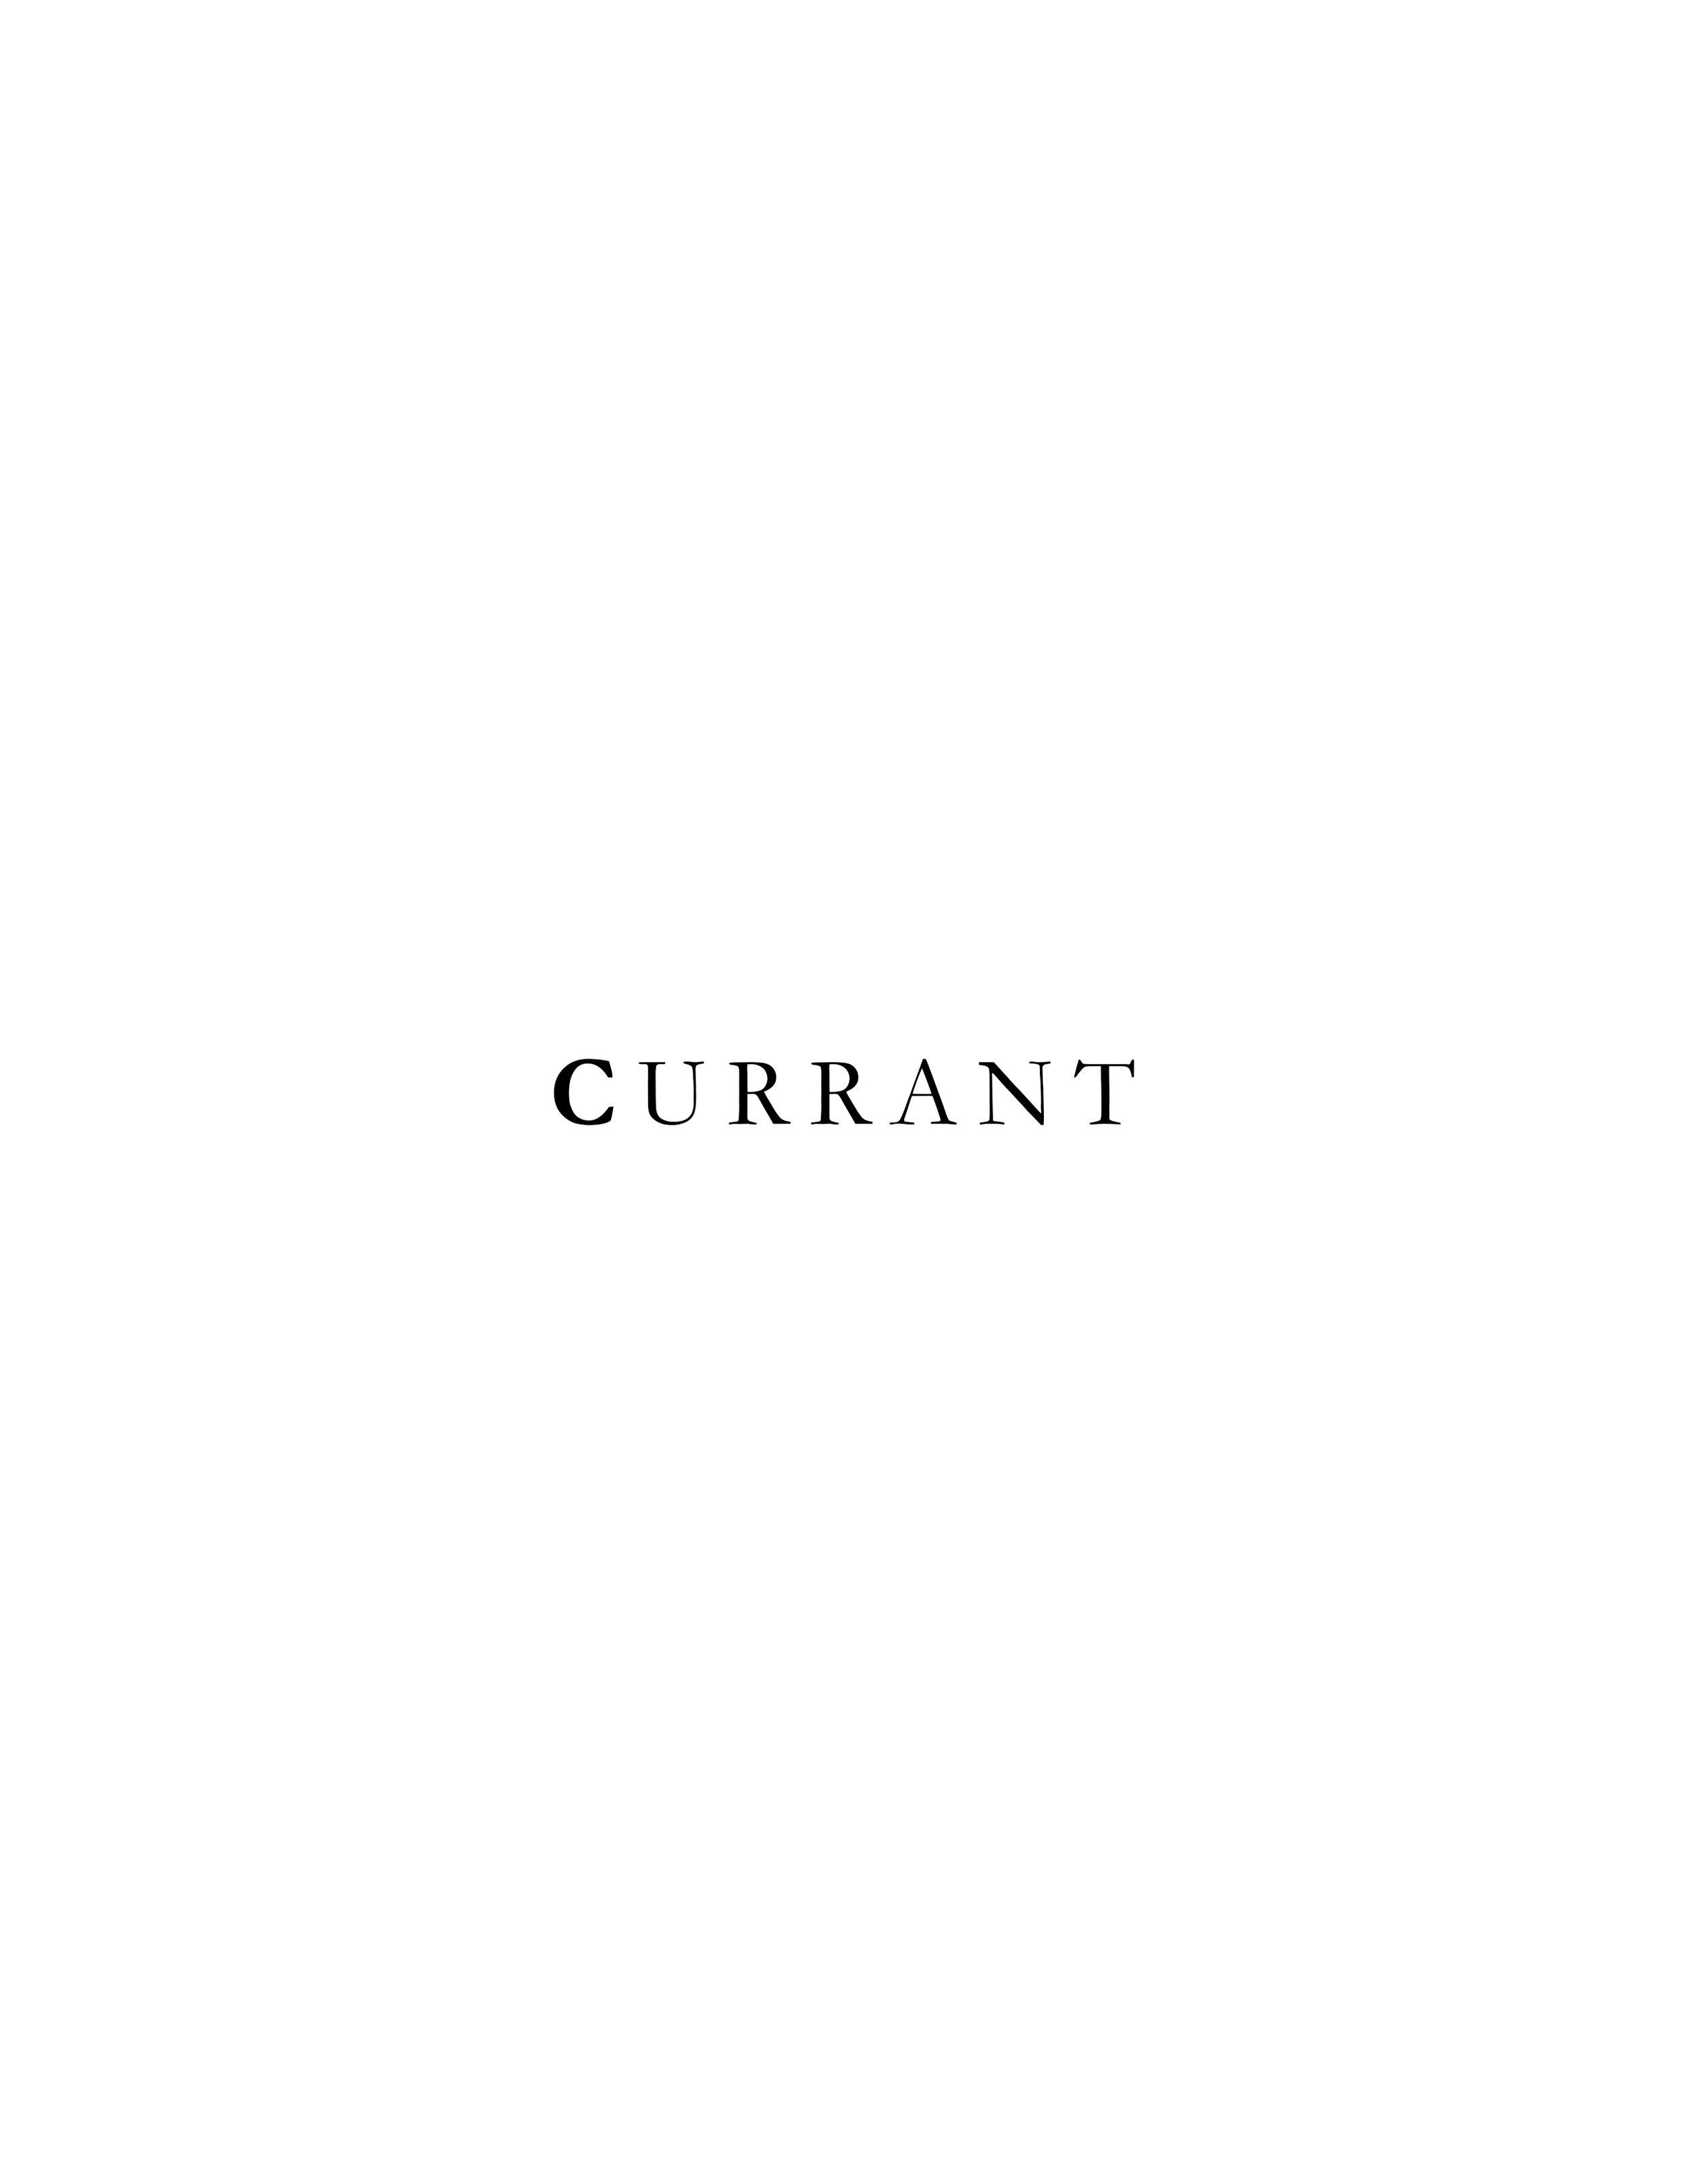 Currant.jpg